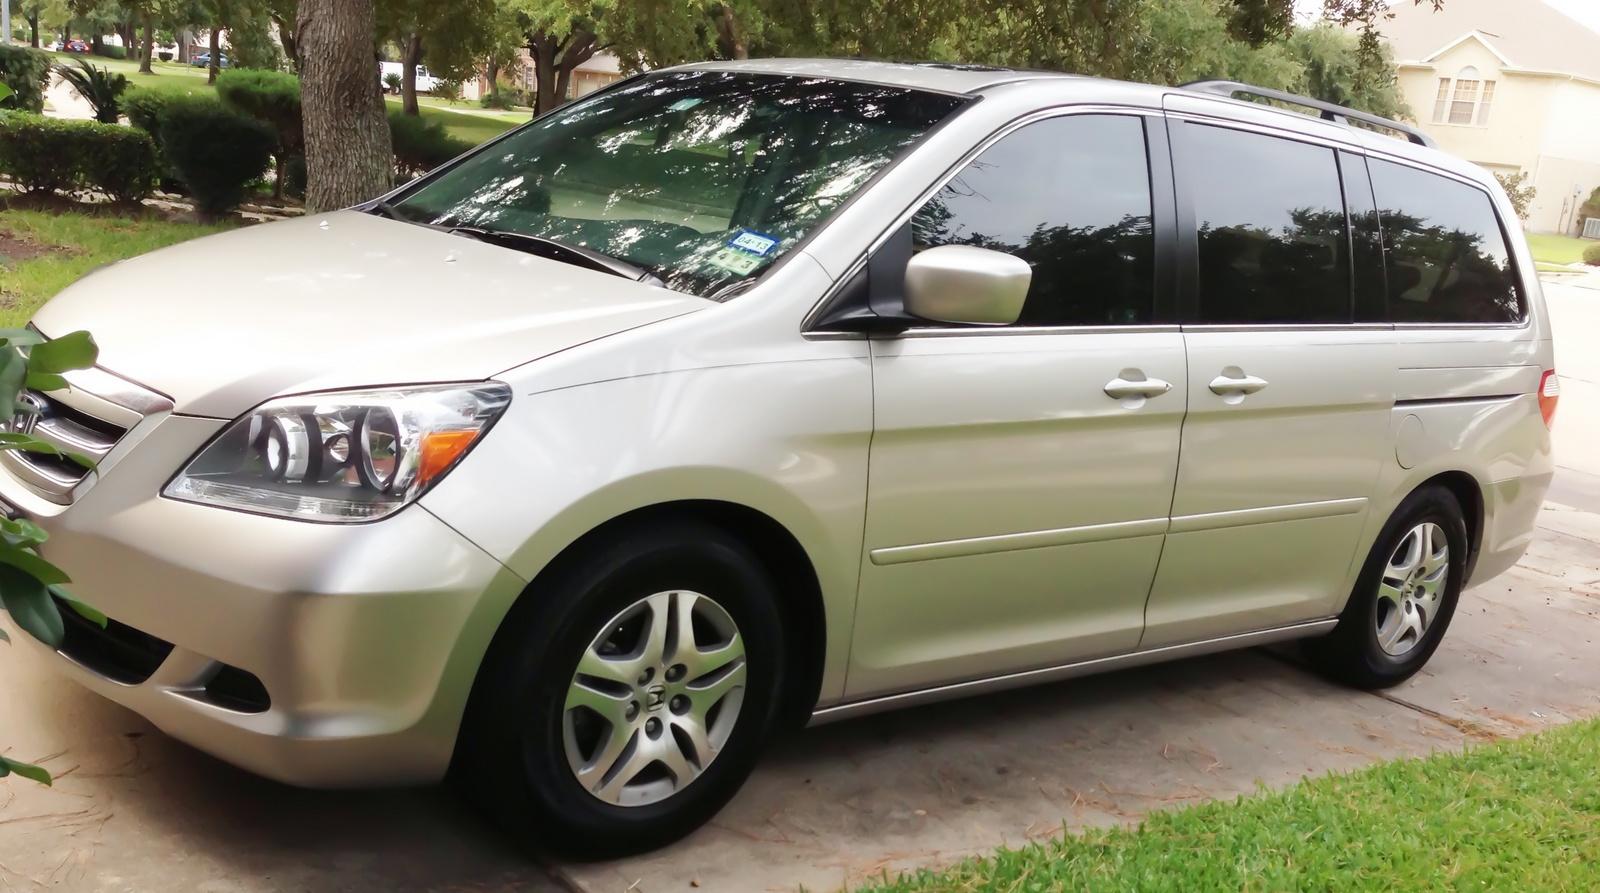 2006 Honda Odyssey - Exterior Pictures - CarGurus